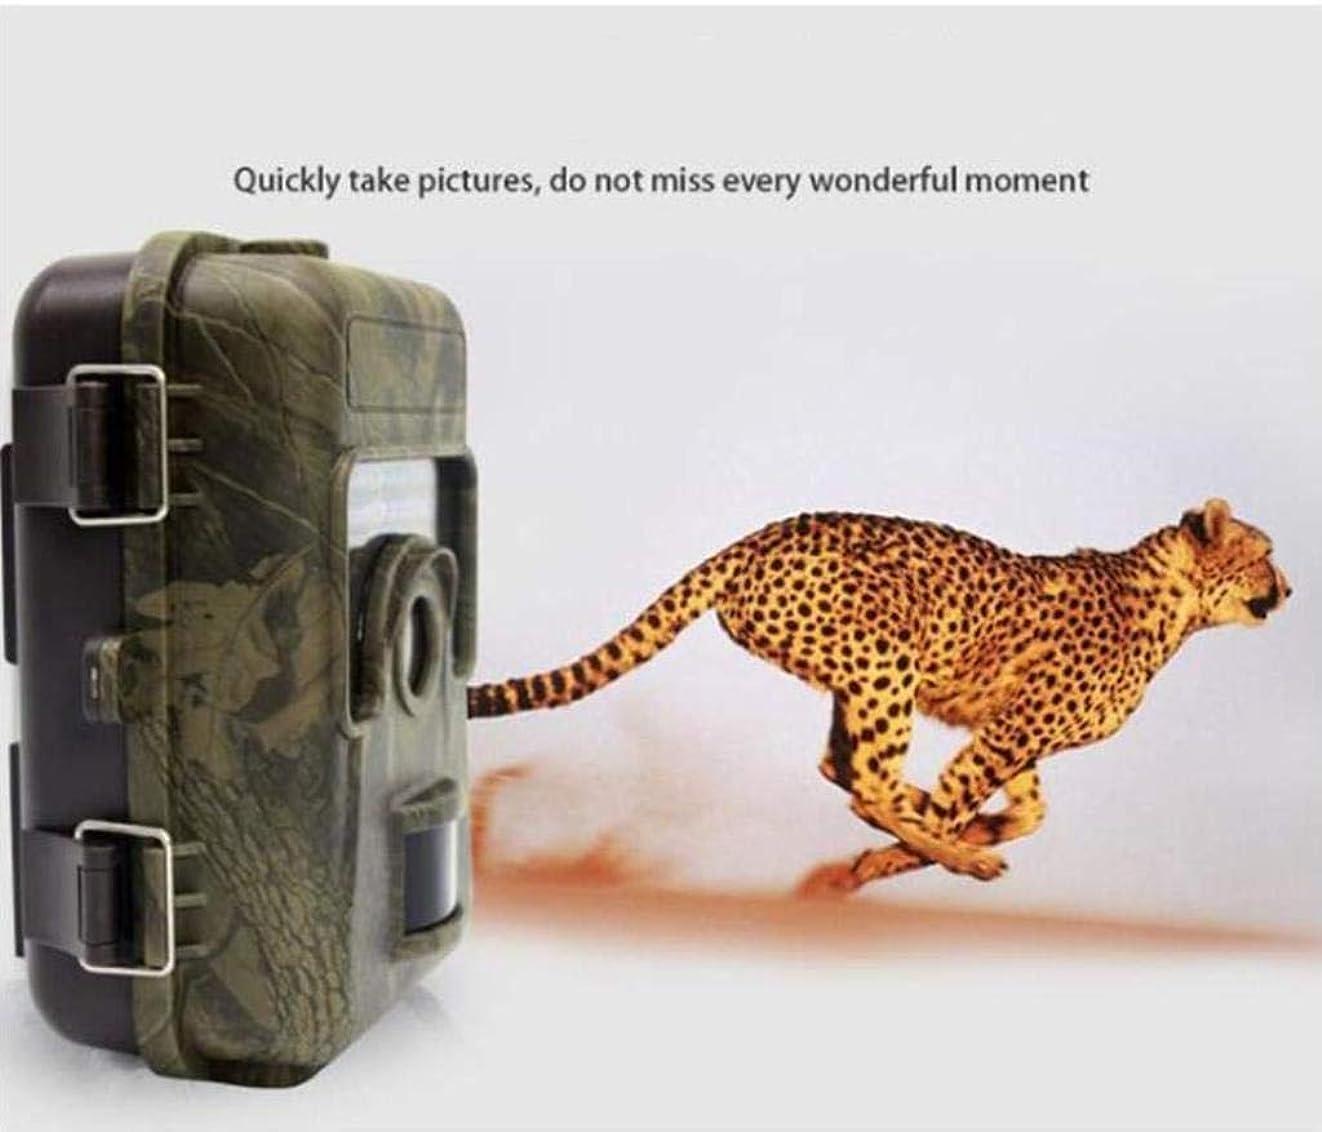 気を散らすスペア議論するHd狩猟野生動物カメラナイトビジョン赤外線12メートル1080 p野生防水ip66キャプチャカメラ用屋外屋外ホームセキュリティ監視